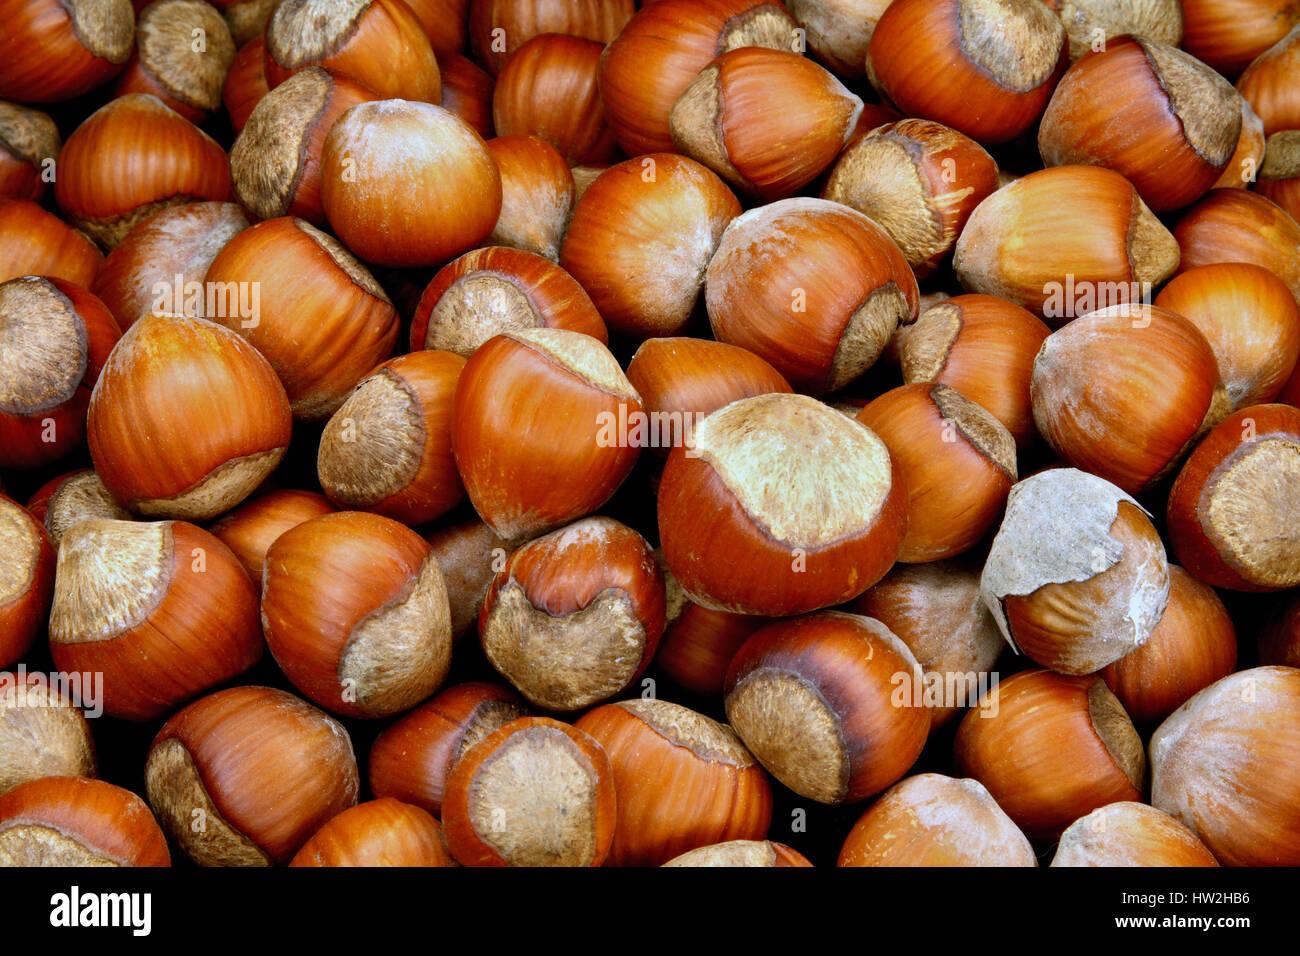 Holz-Muttern-nützliche eine Delikatesse und ein schmackhaftes Produkt Stockbild